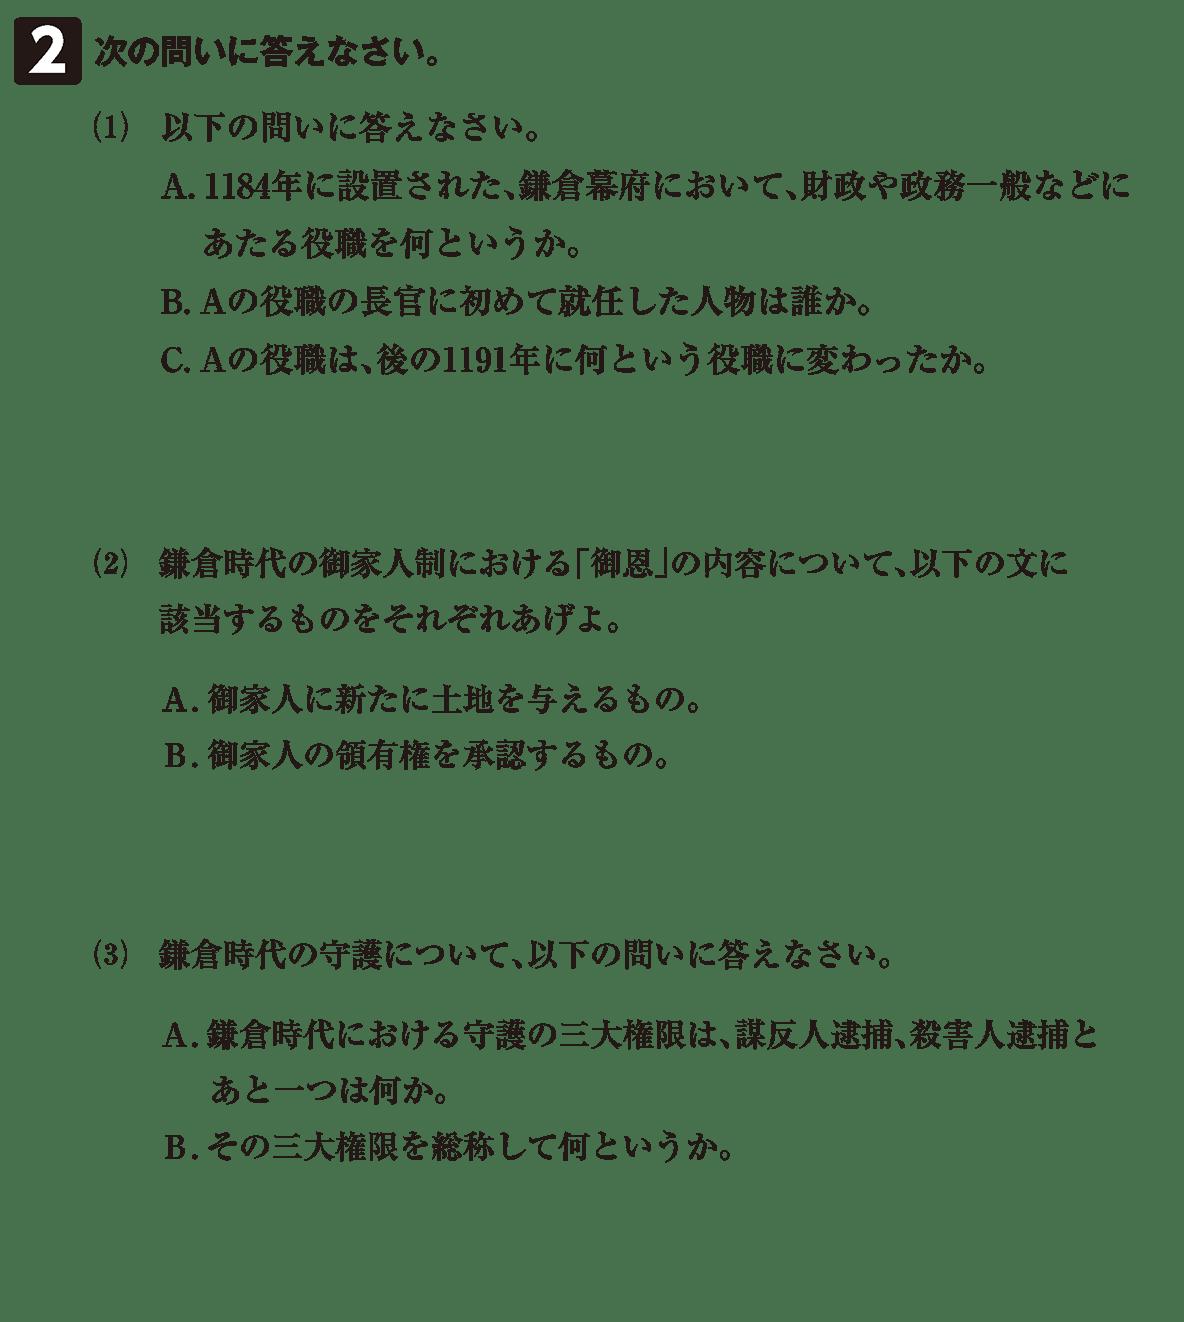 中世12 問題2 問題